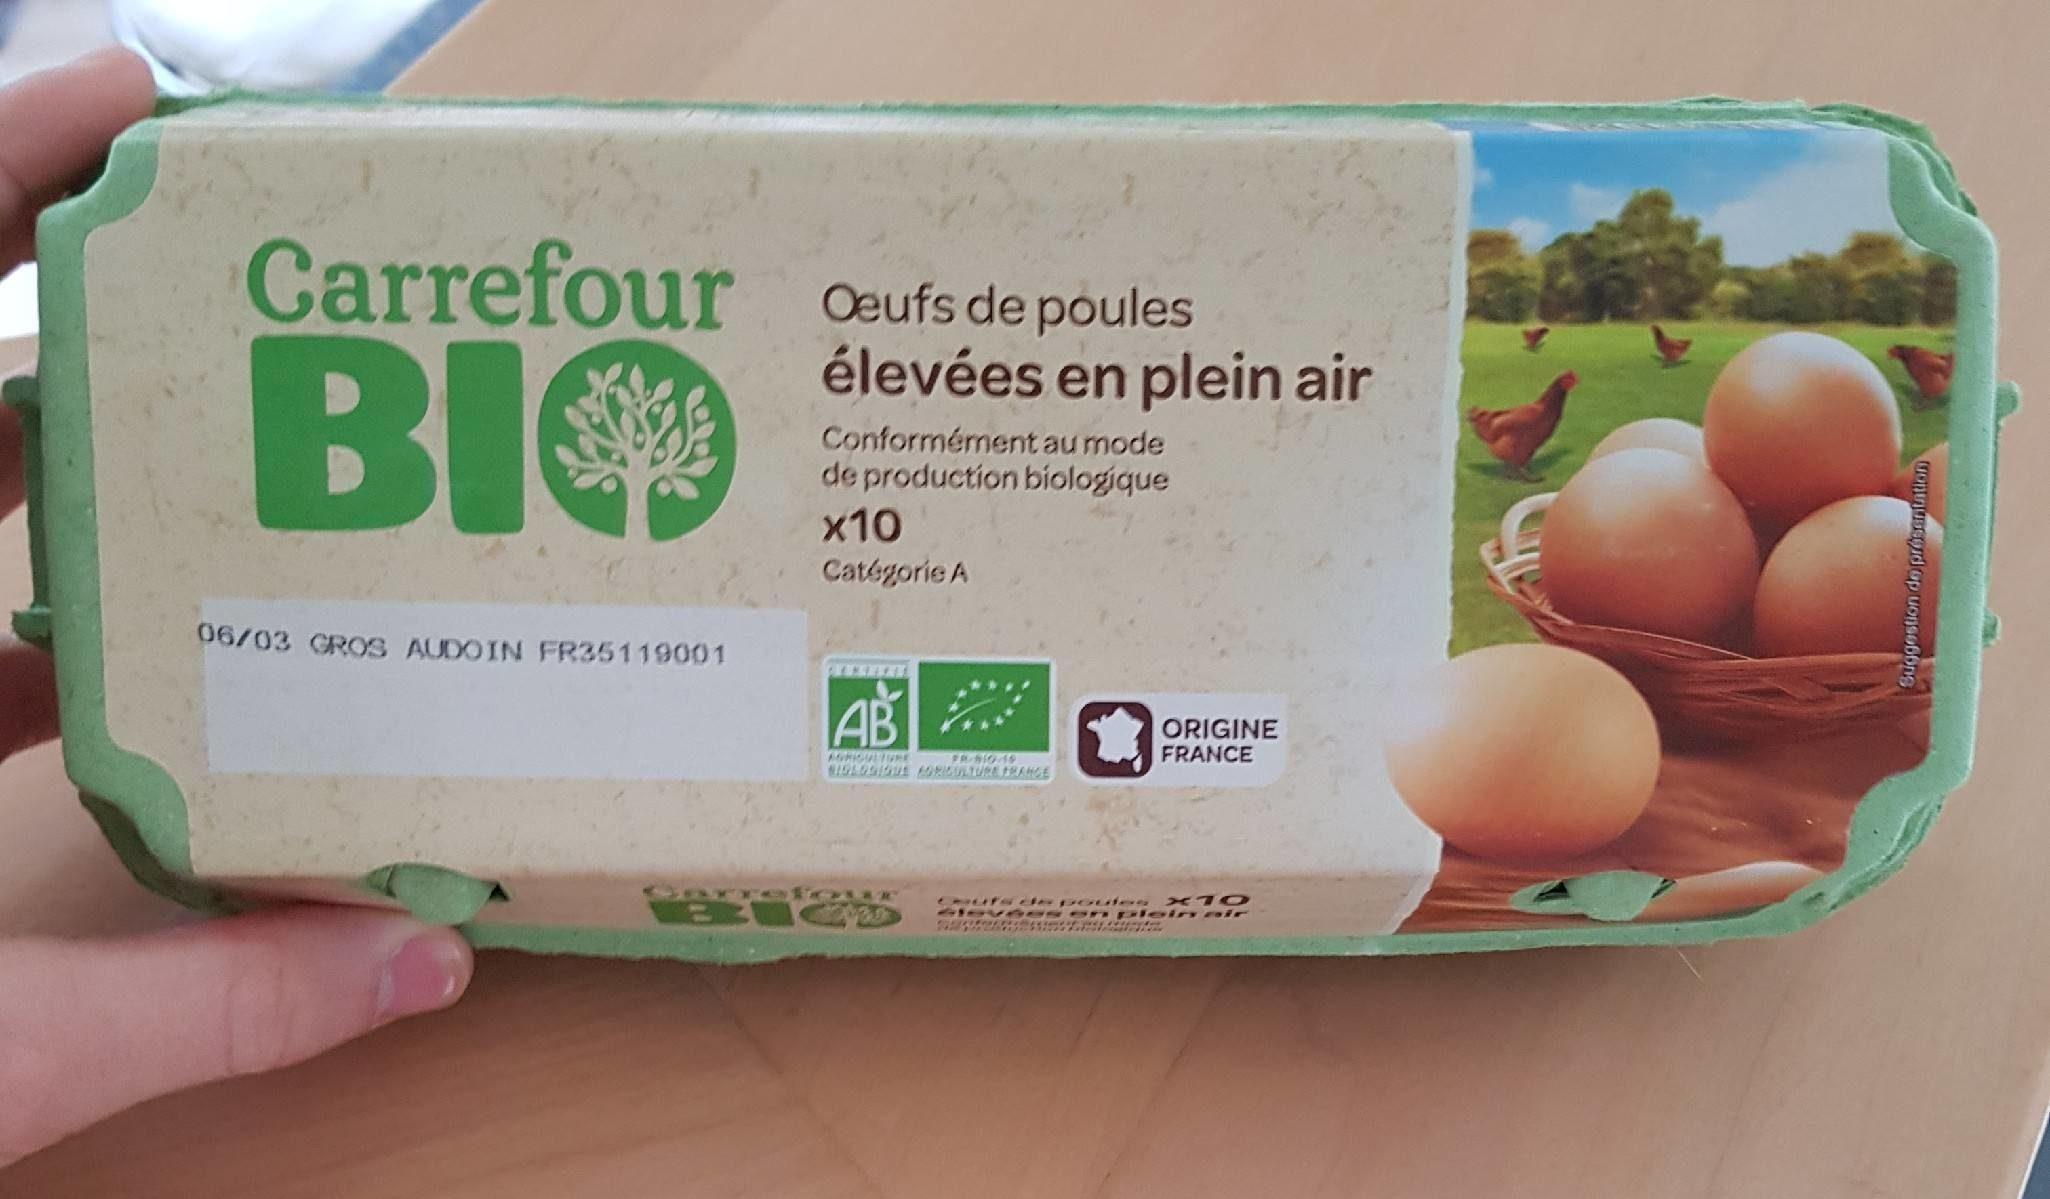 Oeufs de poules élevées plein air - Product